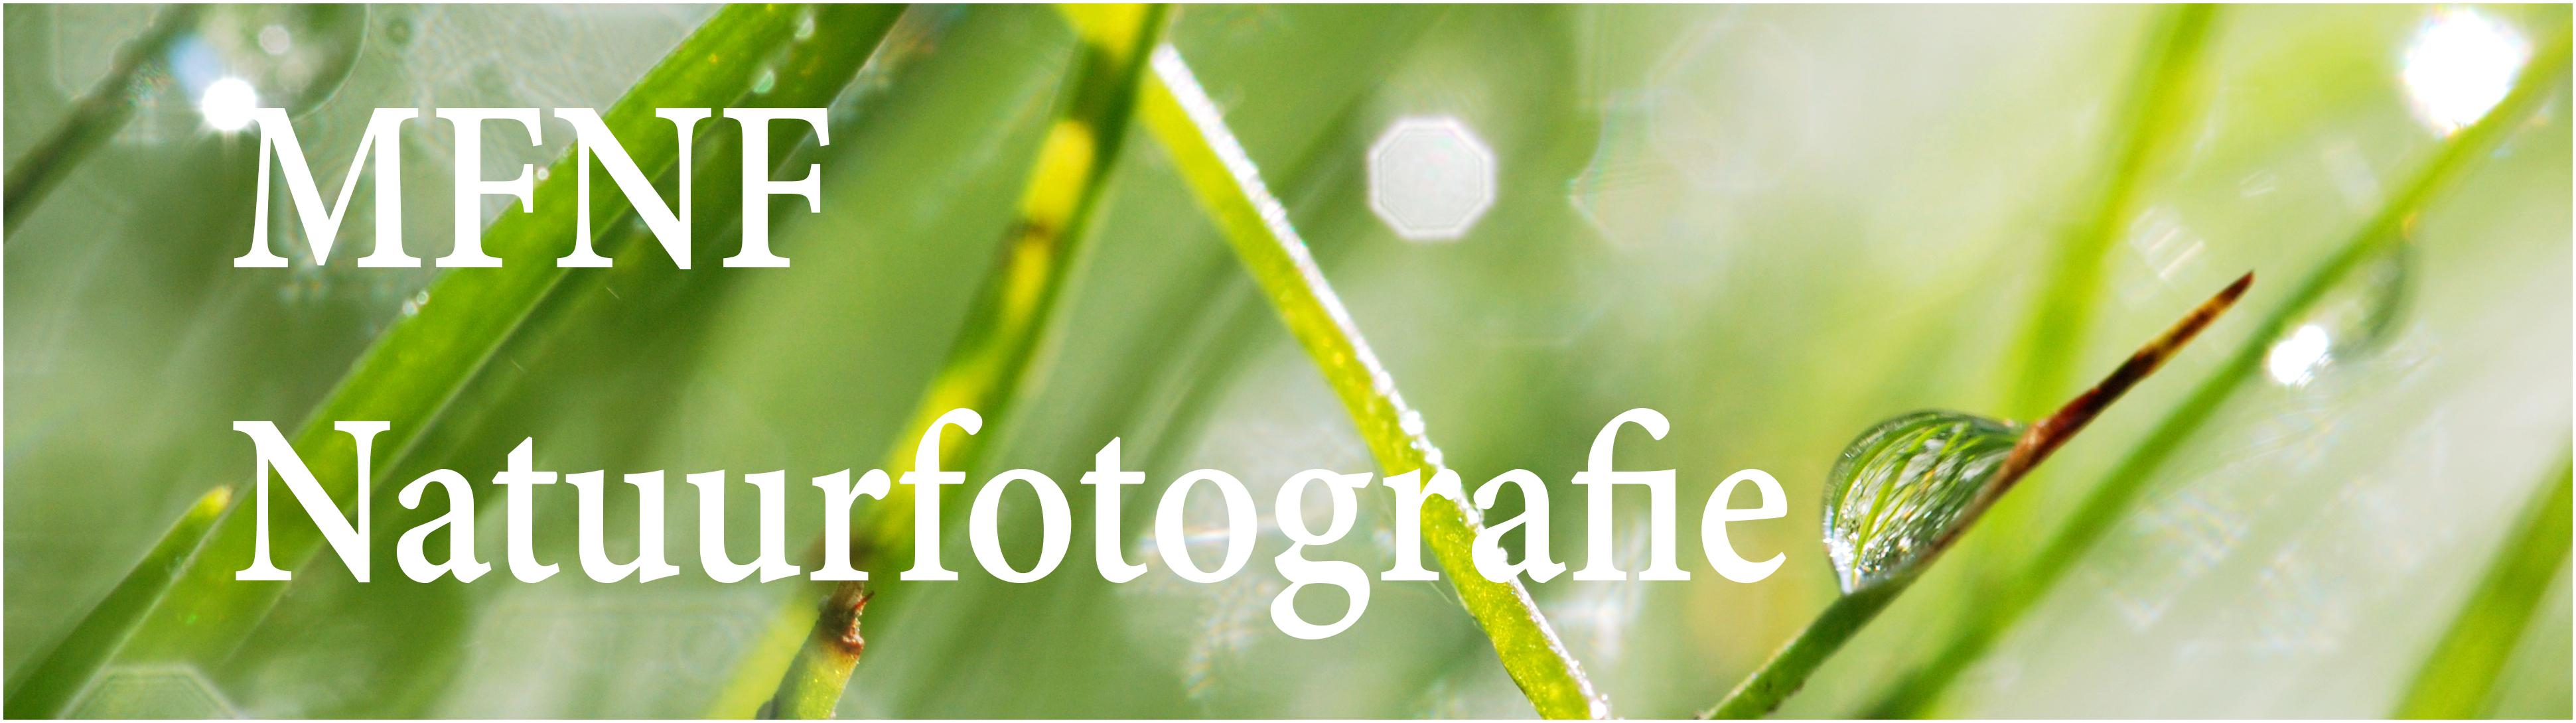 Fotografie MFNF Natuurfotografie